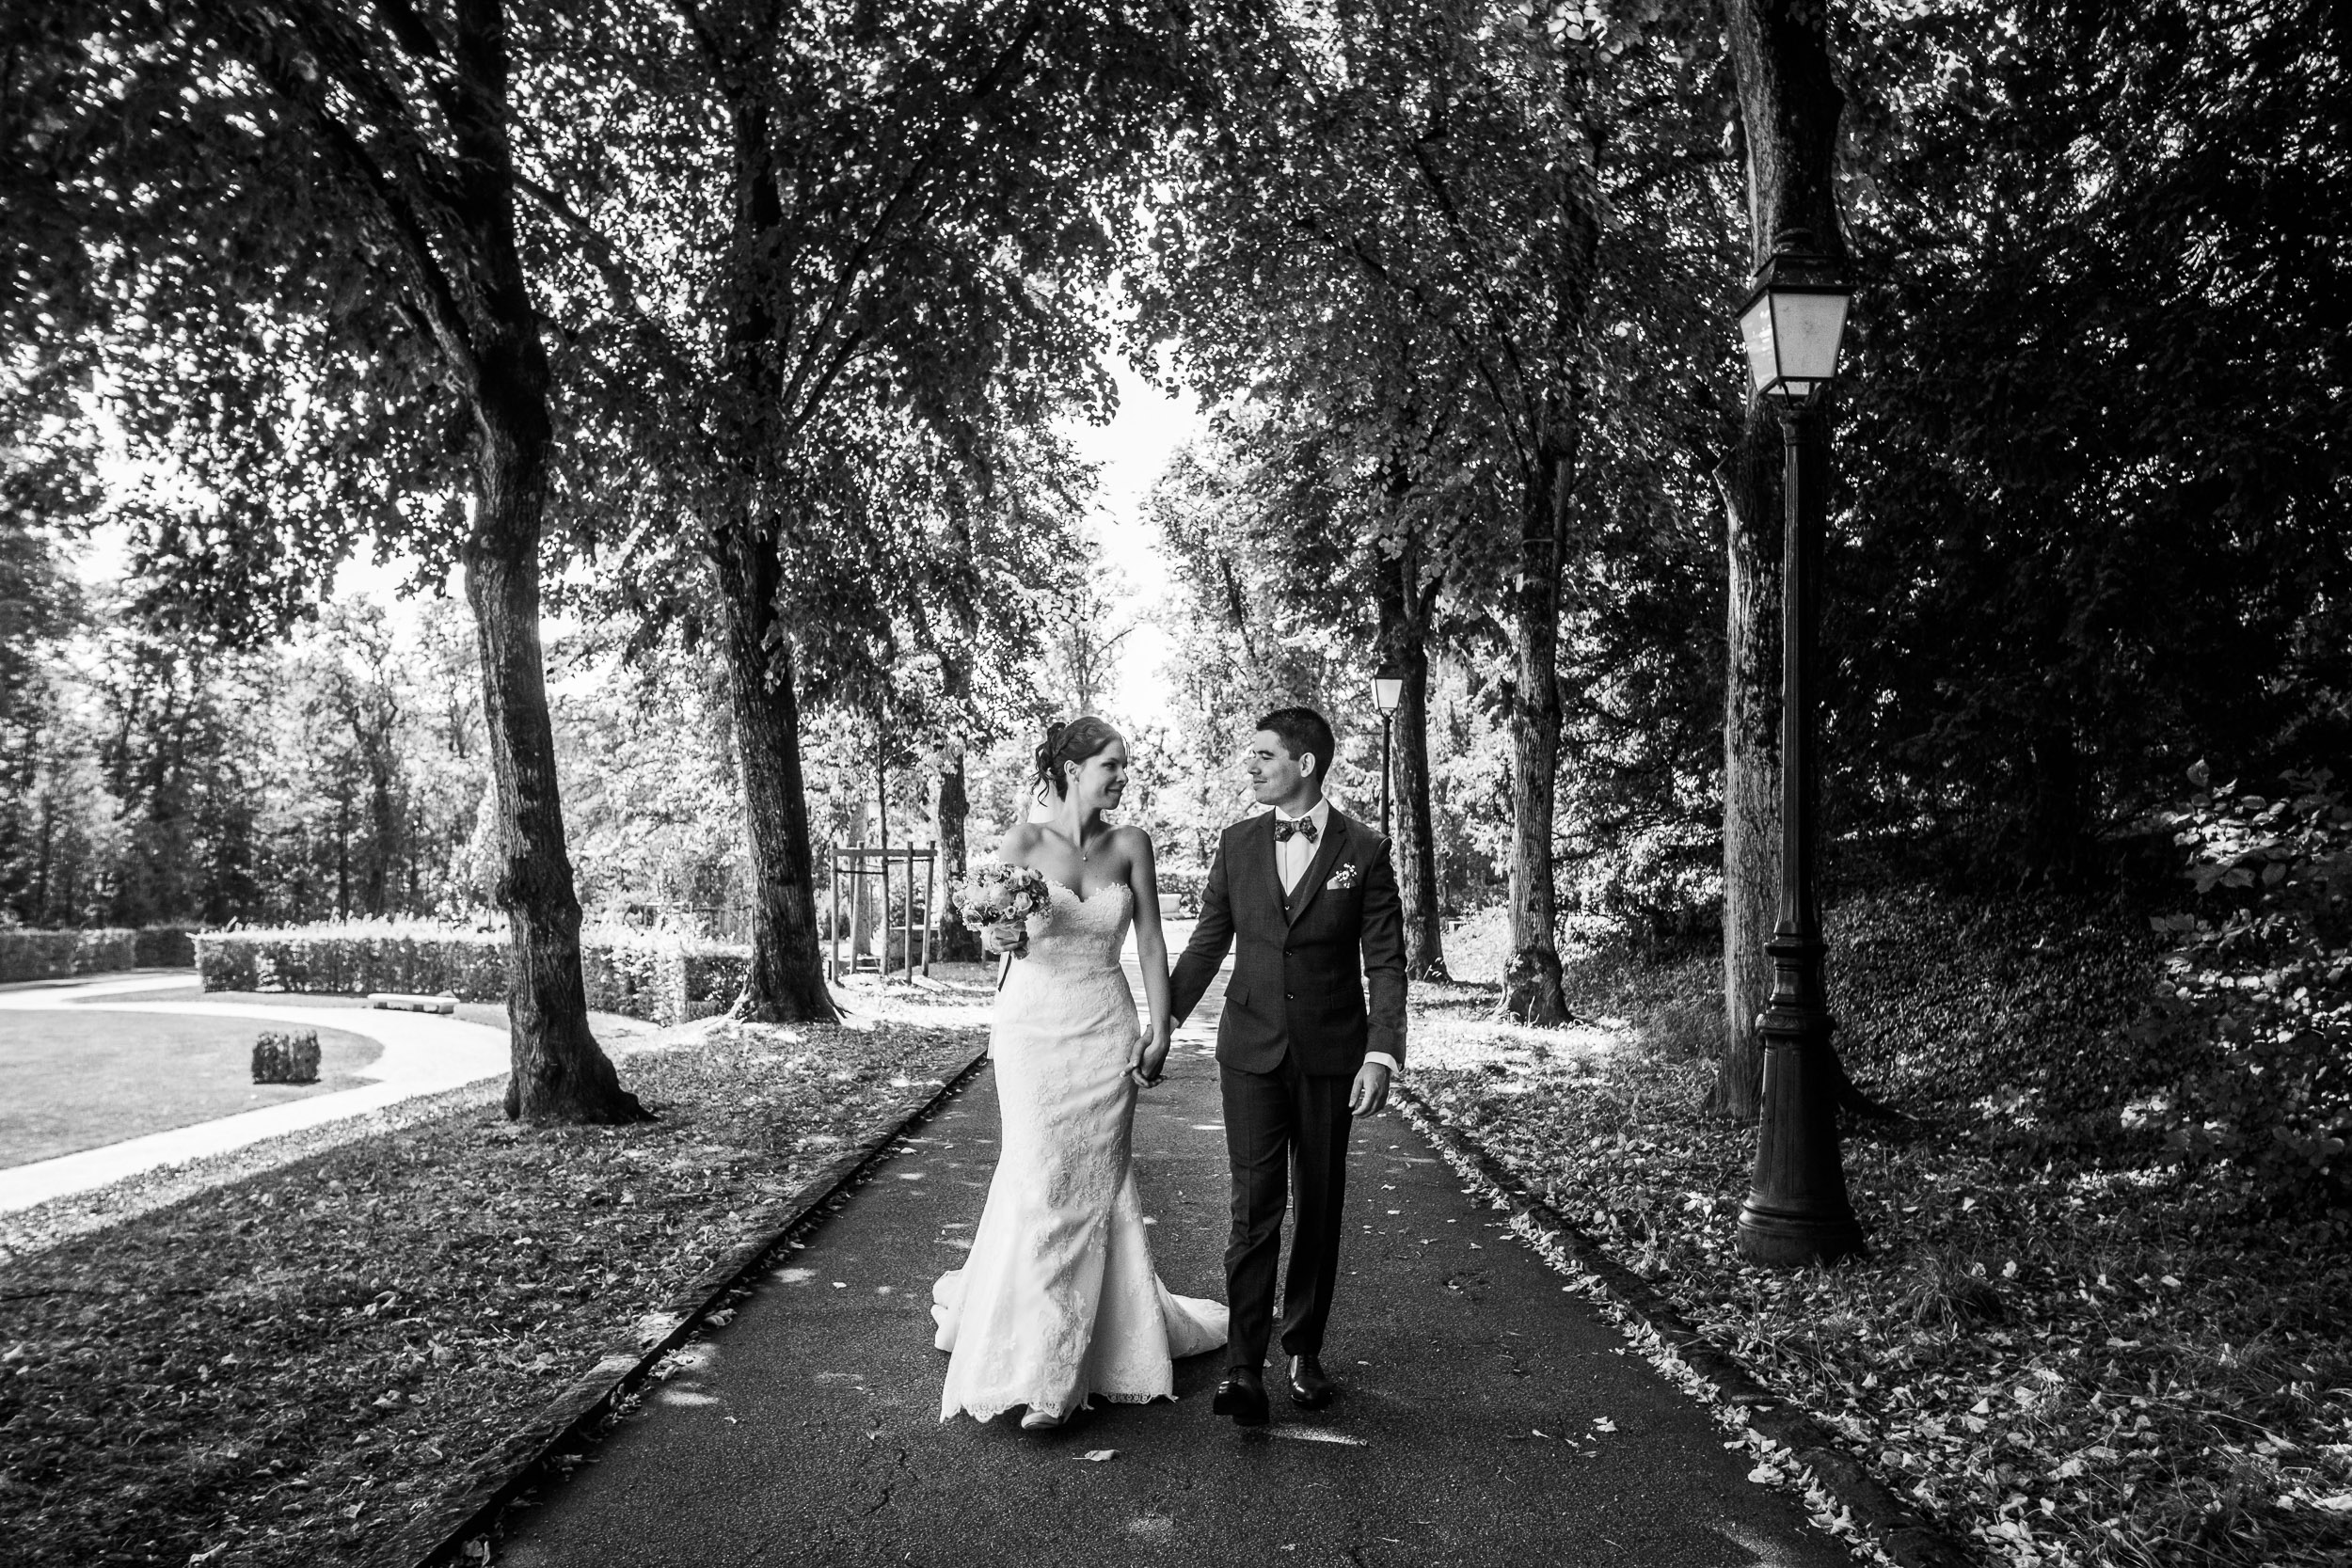 gerald-mattel-photographe-mariage-chateau-nety-4.jpg